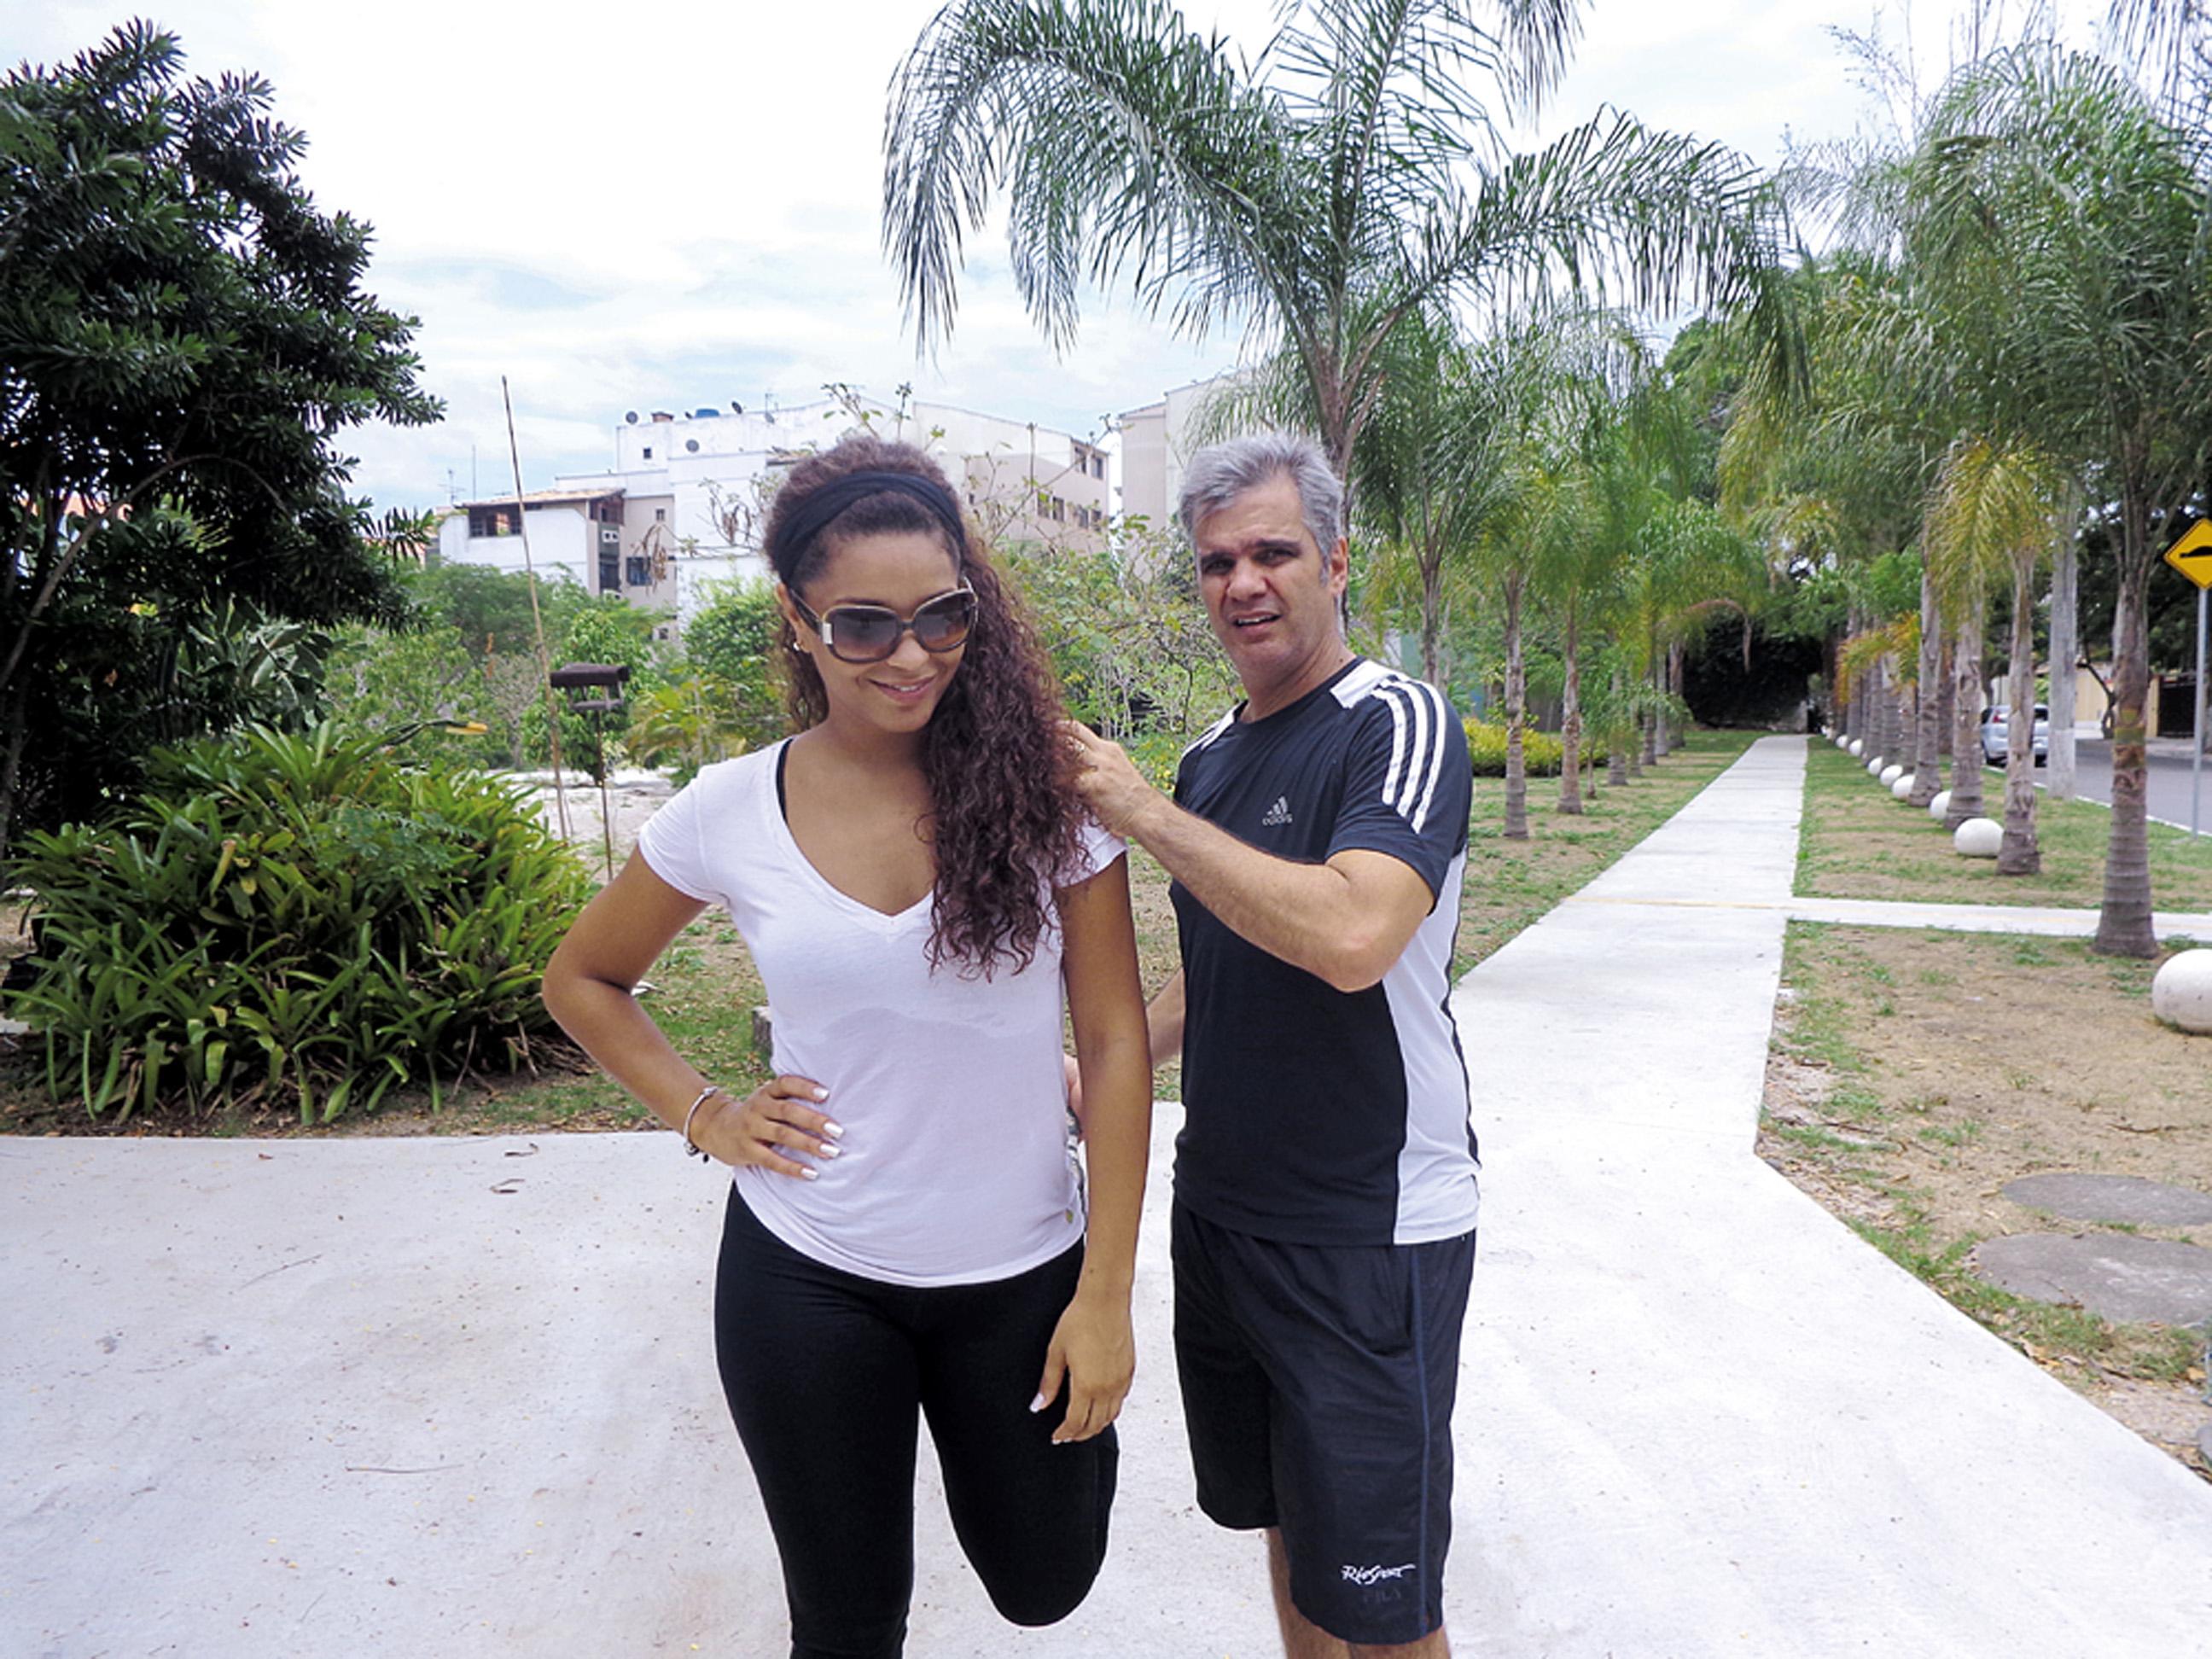 11:30 - Depois, treino com meu personal, Bebeto Cardoso.